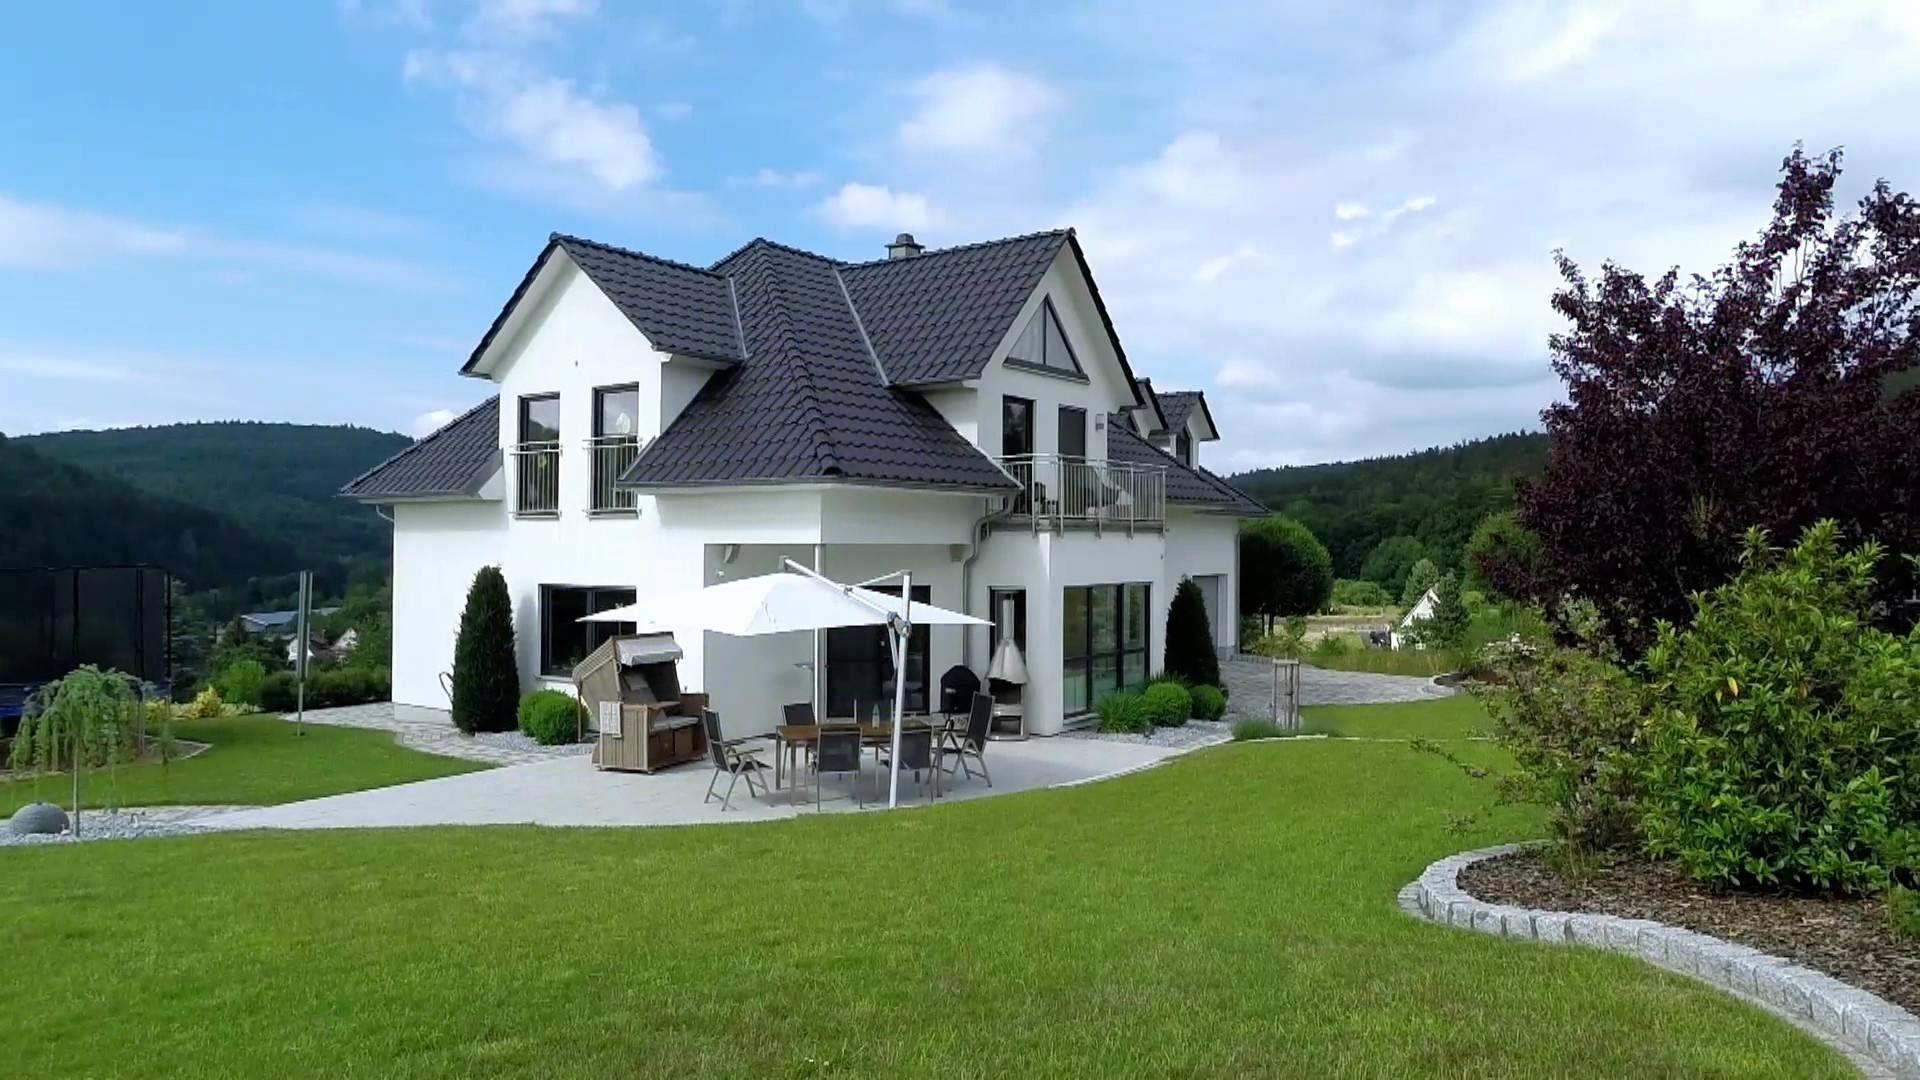 Schlusselfertiges Haus Bauen Preise Bungalow Haus Bauen Pinterest